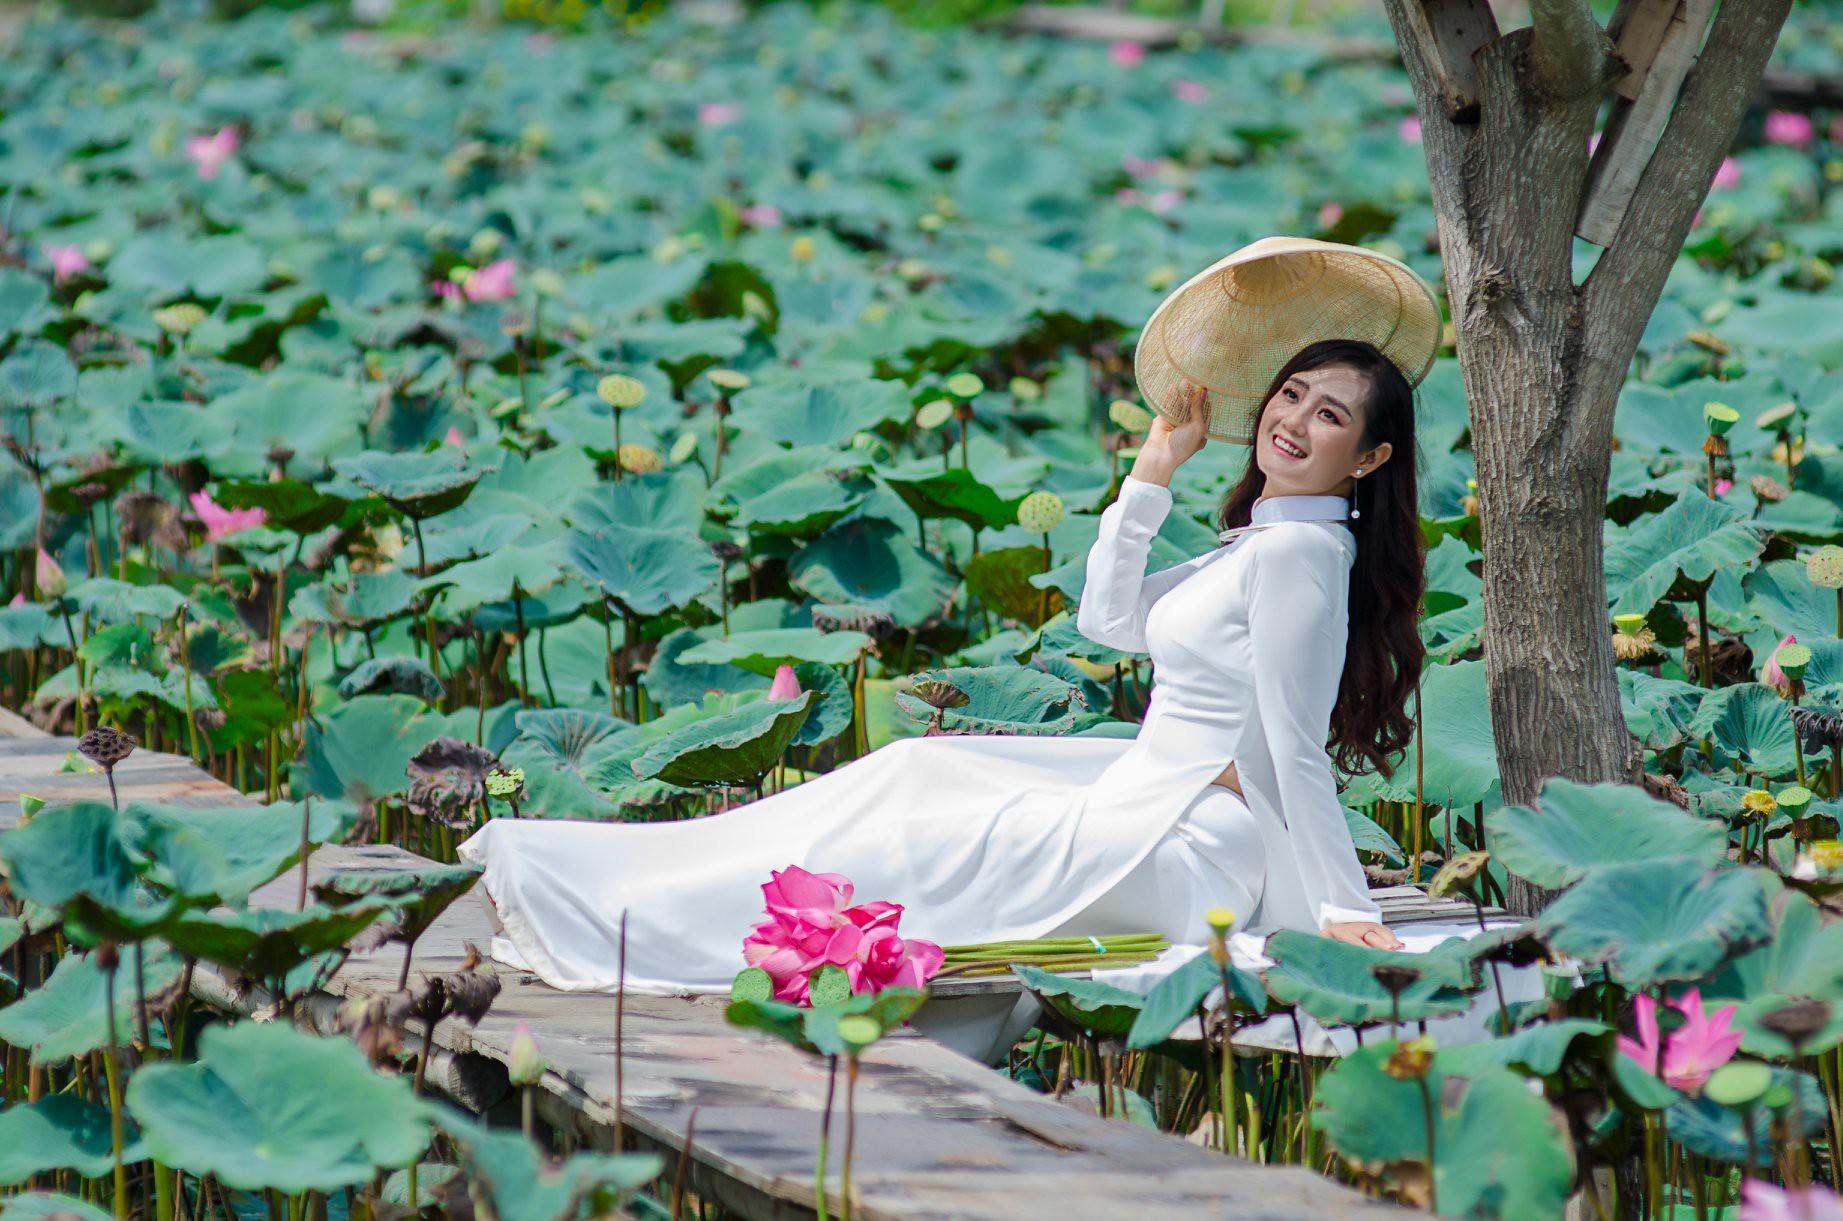 Tuyển tập girl xinh gái đẹp Việt Nam mặc áo dài đẹp mê hồn #57 - 5